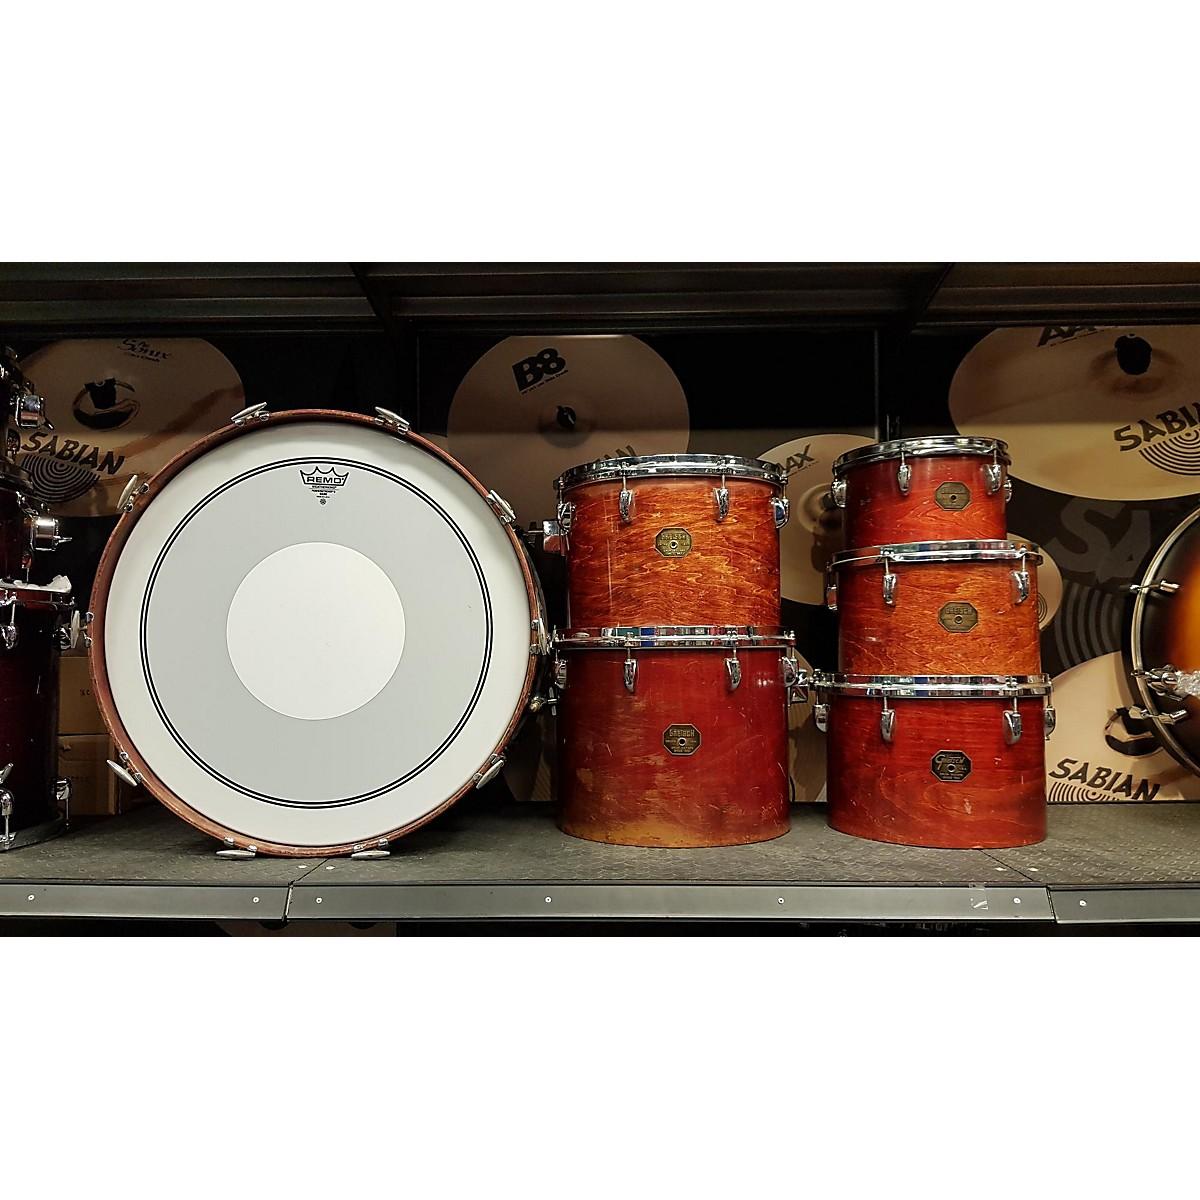 Gretsch Drums 1970s 1970S GRETSCH 6PC KIT WALNUT Drum Kit